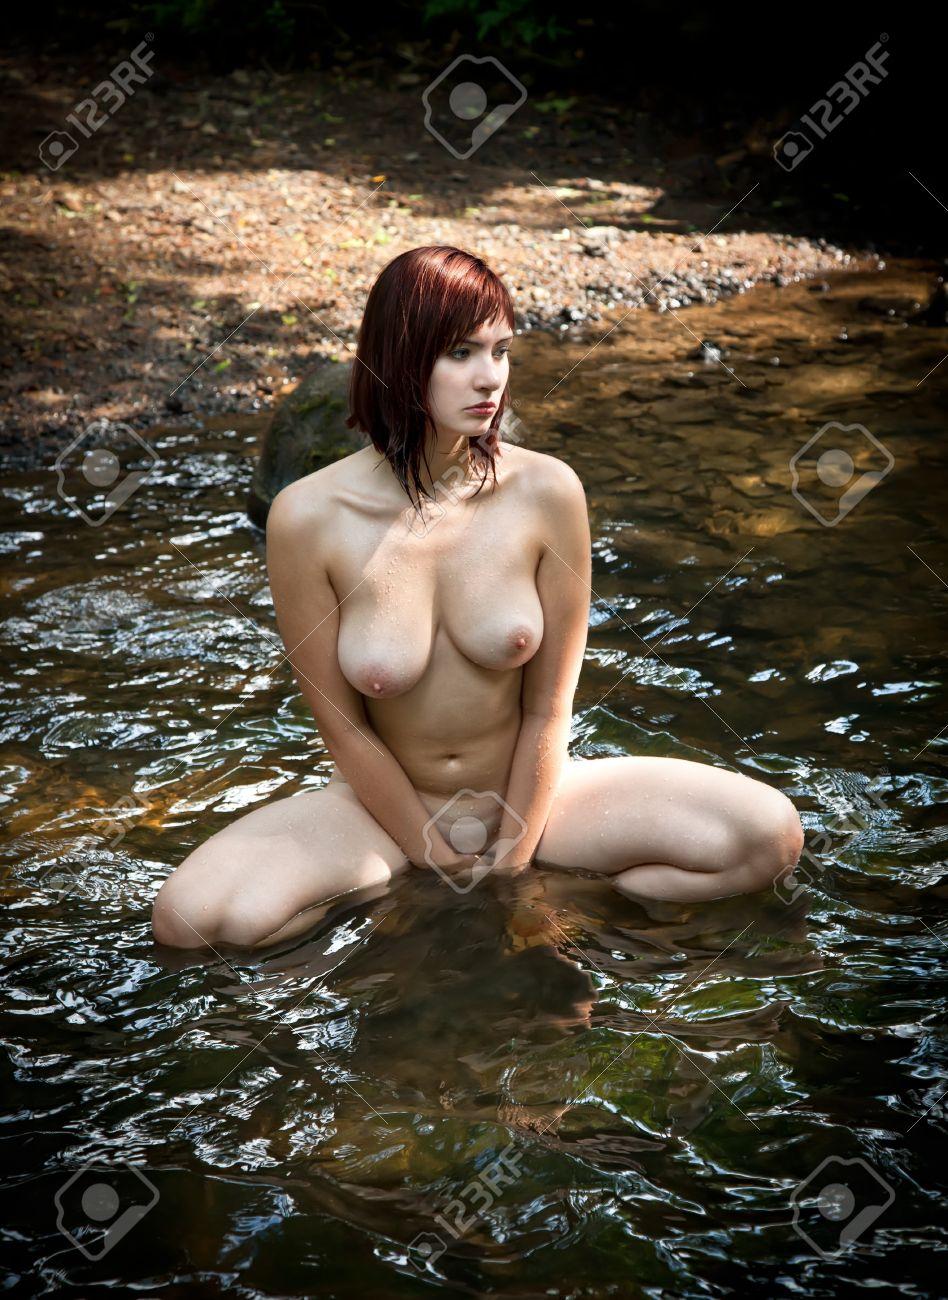 Скис лес речка порно 14 фотография